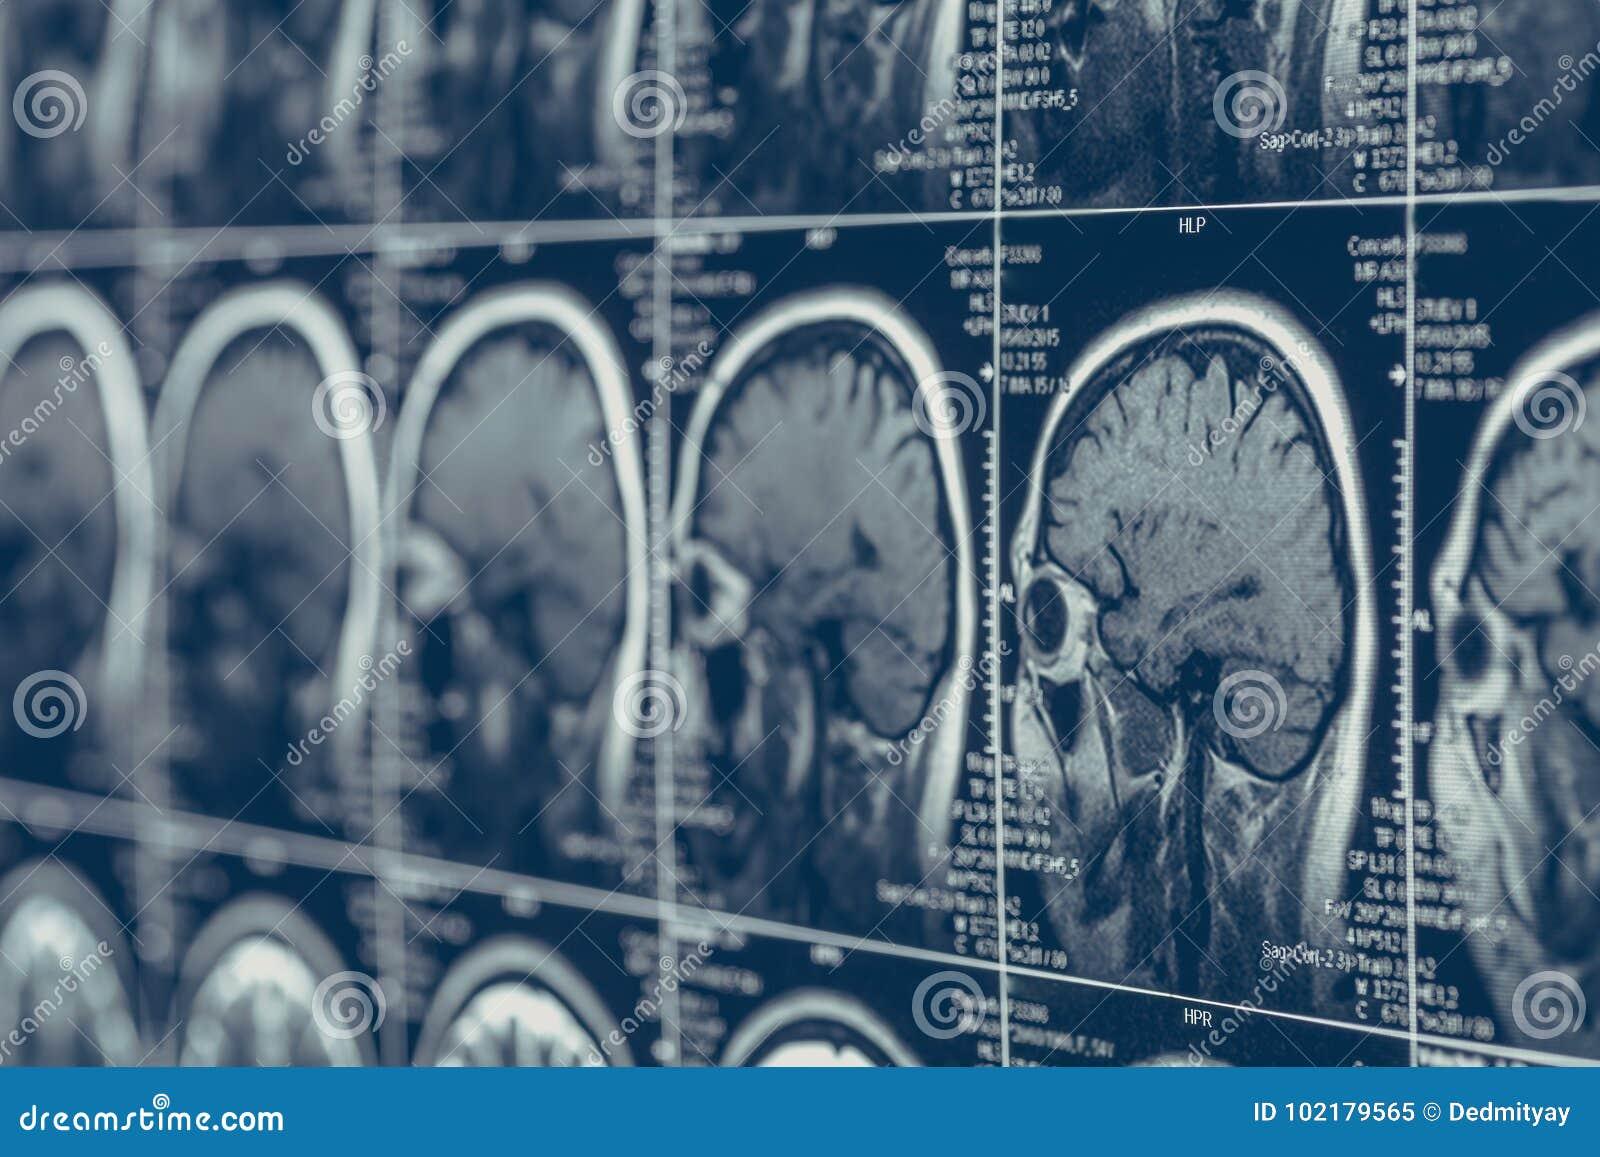 Teste do tomografia do crânio da cabeça humana da neurologia da varredura ou do raio X de cérebro de MRI